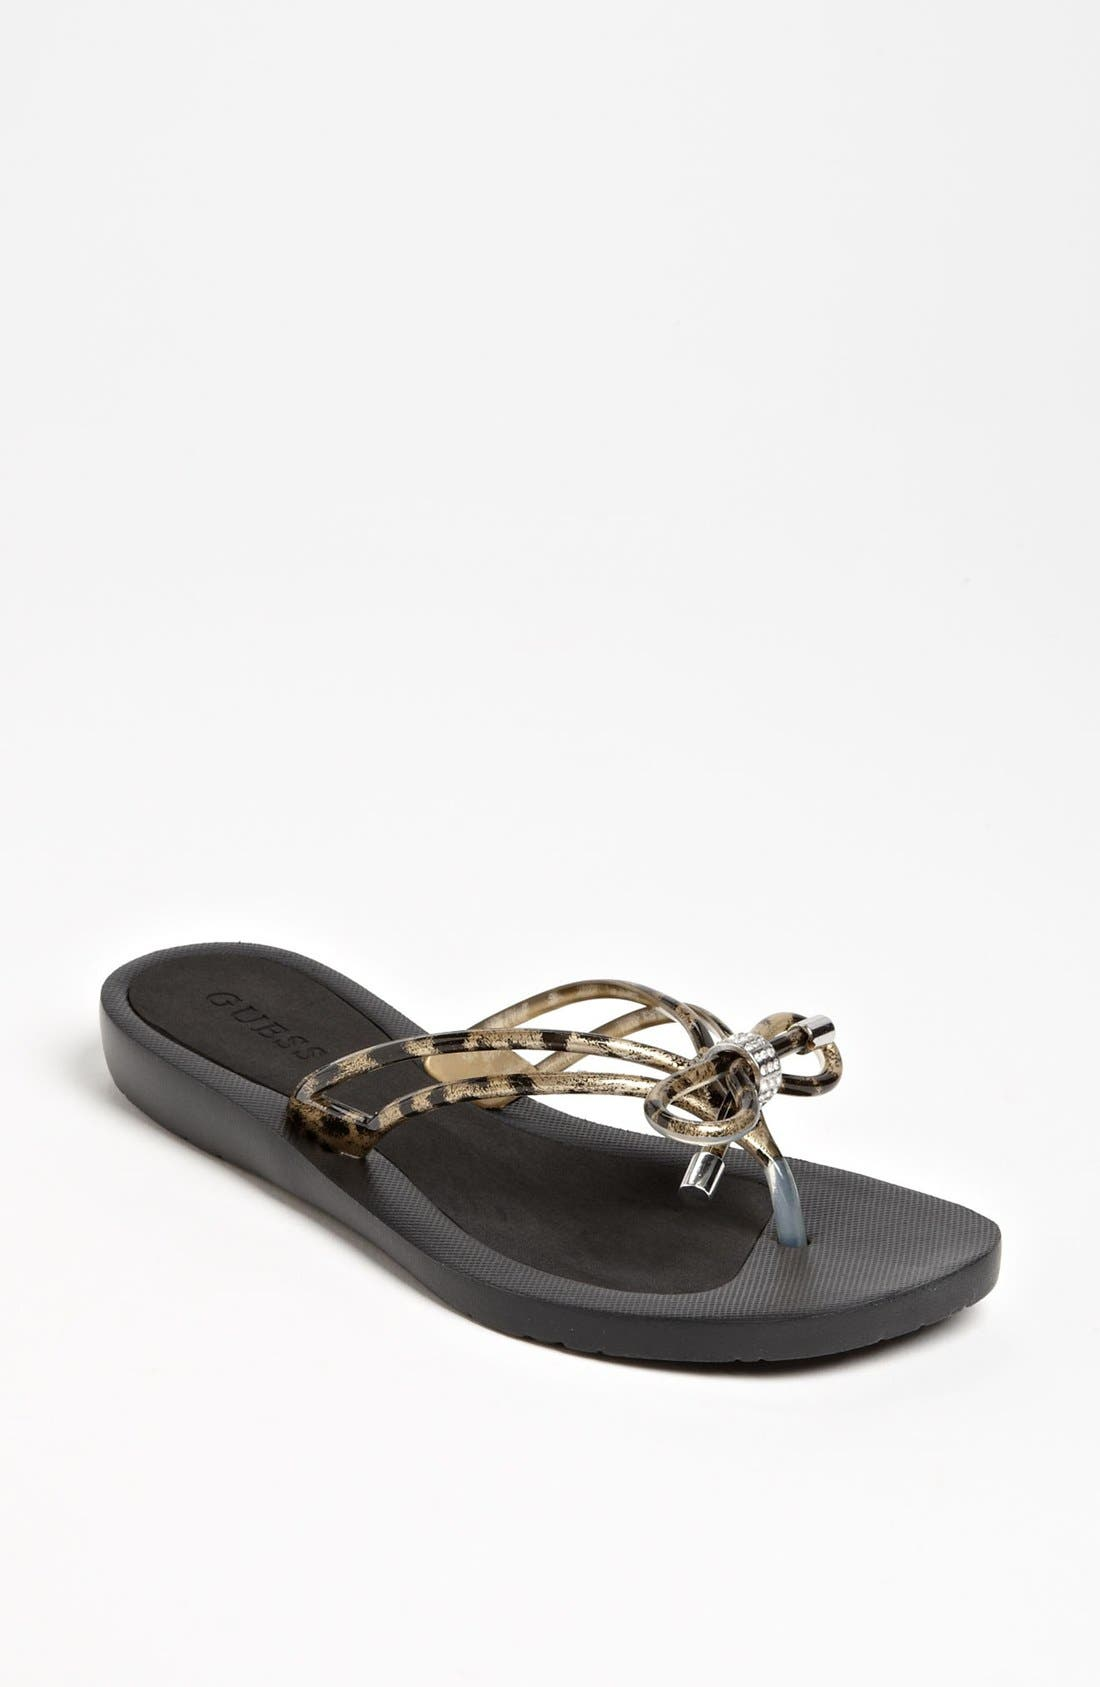 Main Image - GUESS 'Talya' Sandal